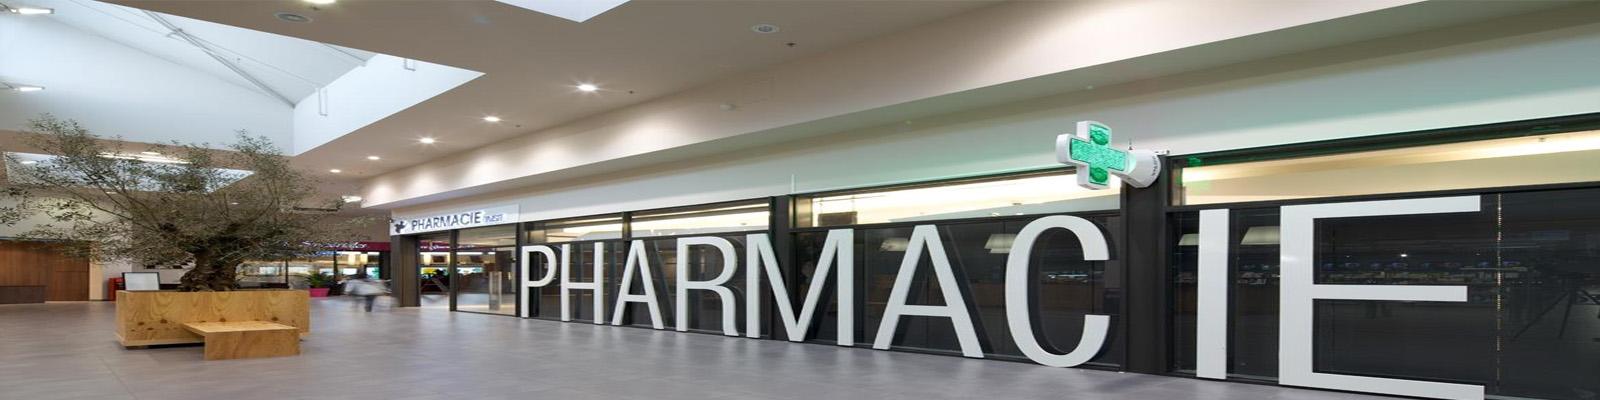 pharmaci